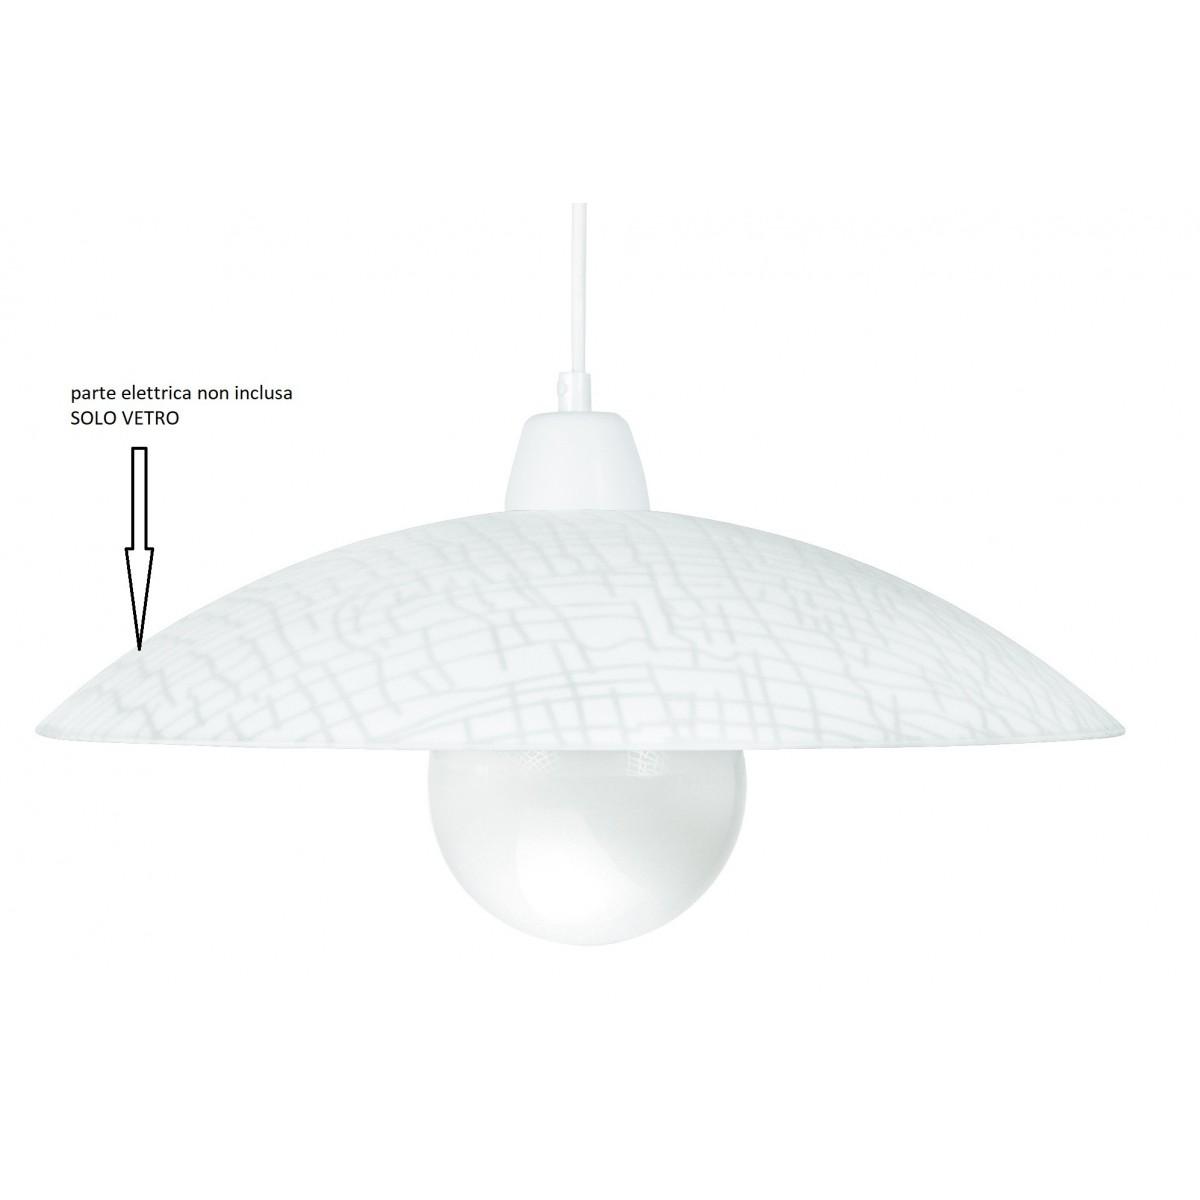 I-Klee/S42 - Paralume Bianco Per Lampadario Dalla Decorazione Astratta Diametro 42 Cm F42